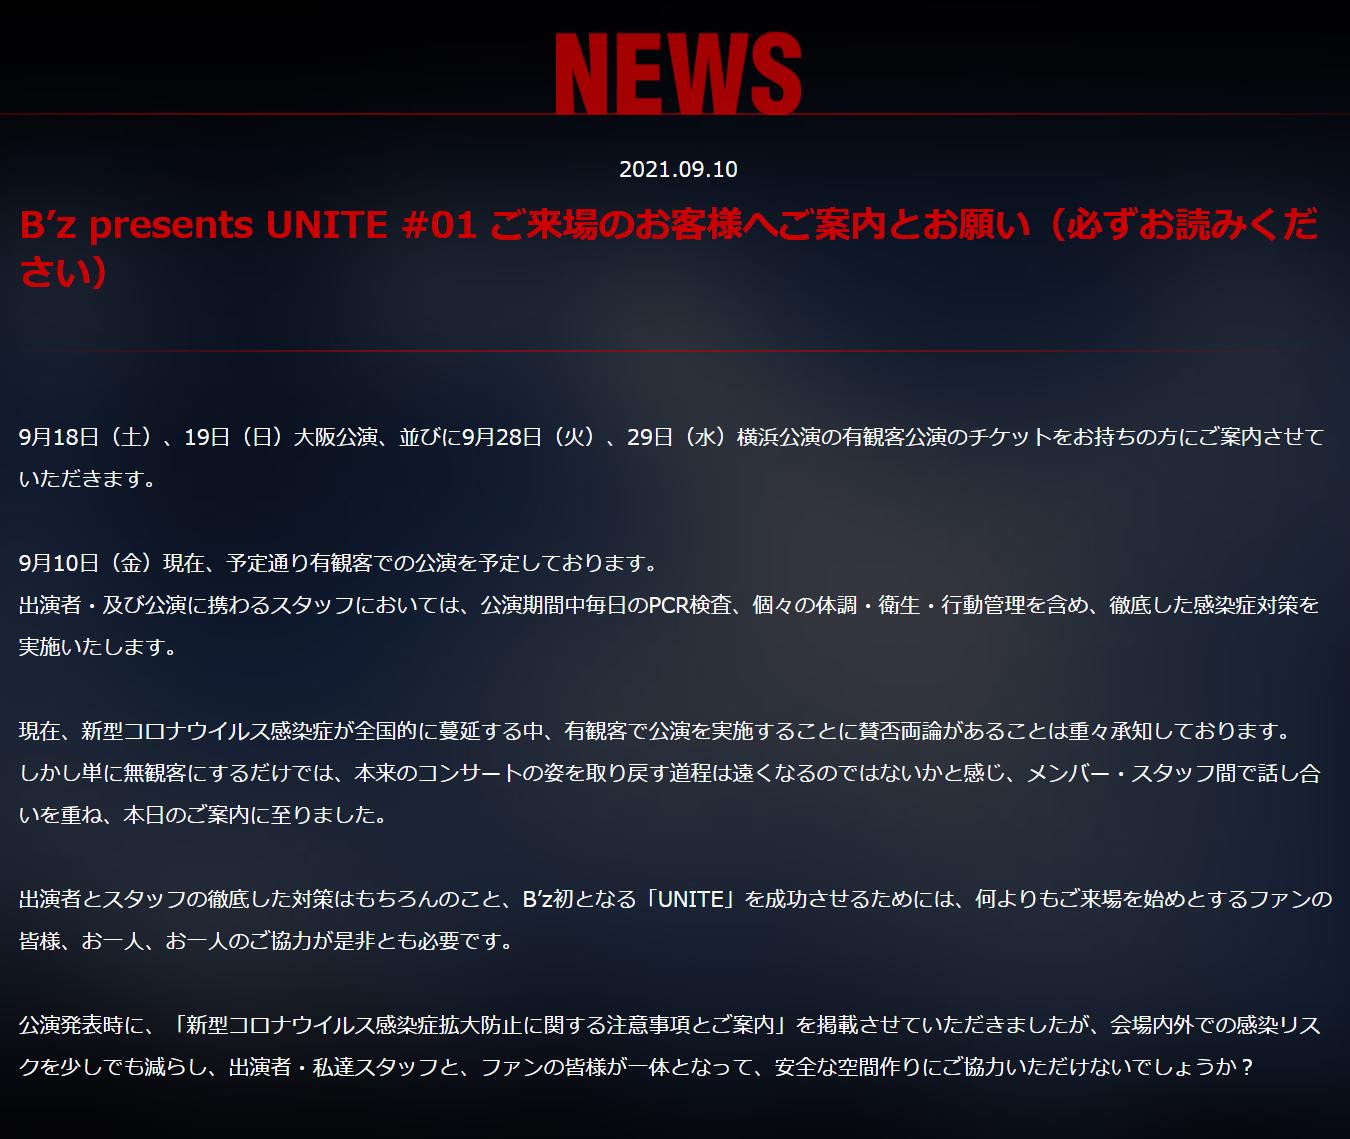 『B'z presents UNITE #01』の追加案内を行う公式サイトのインフォメーション